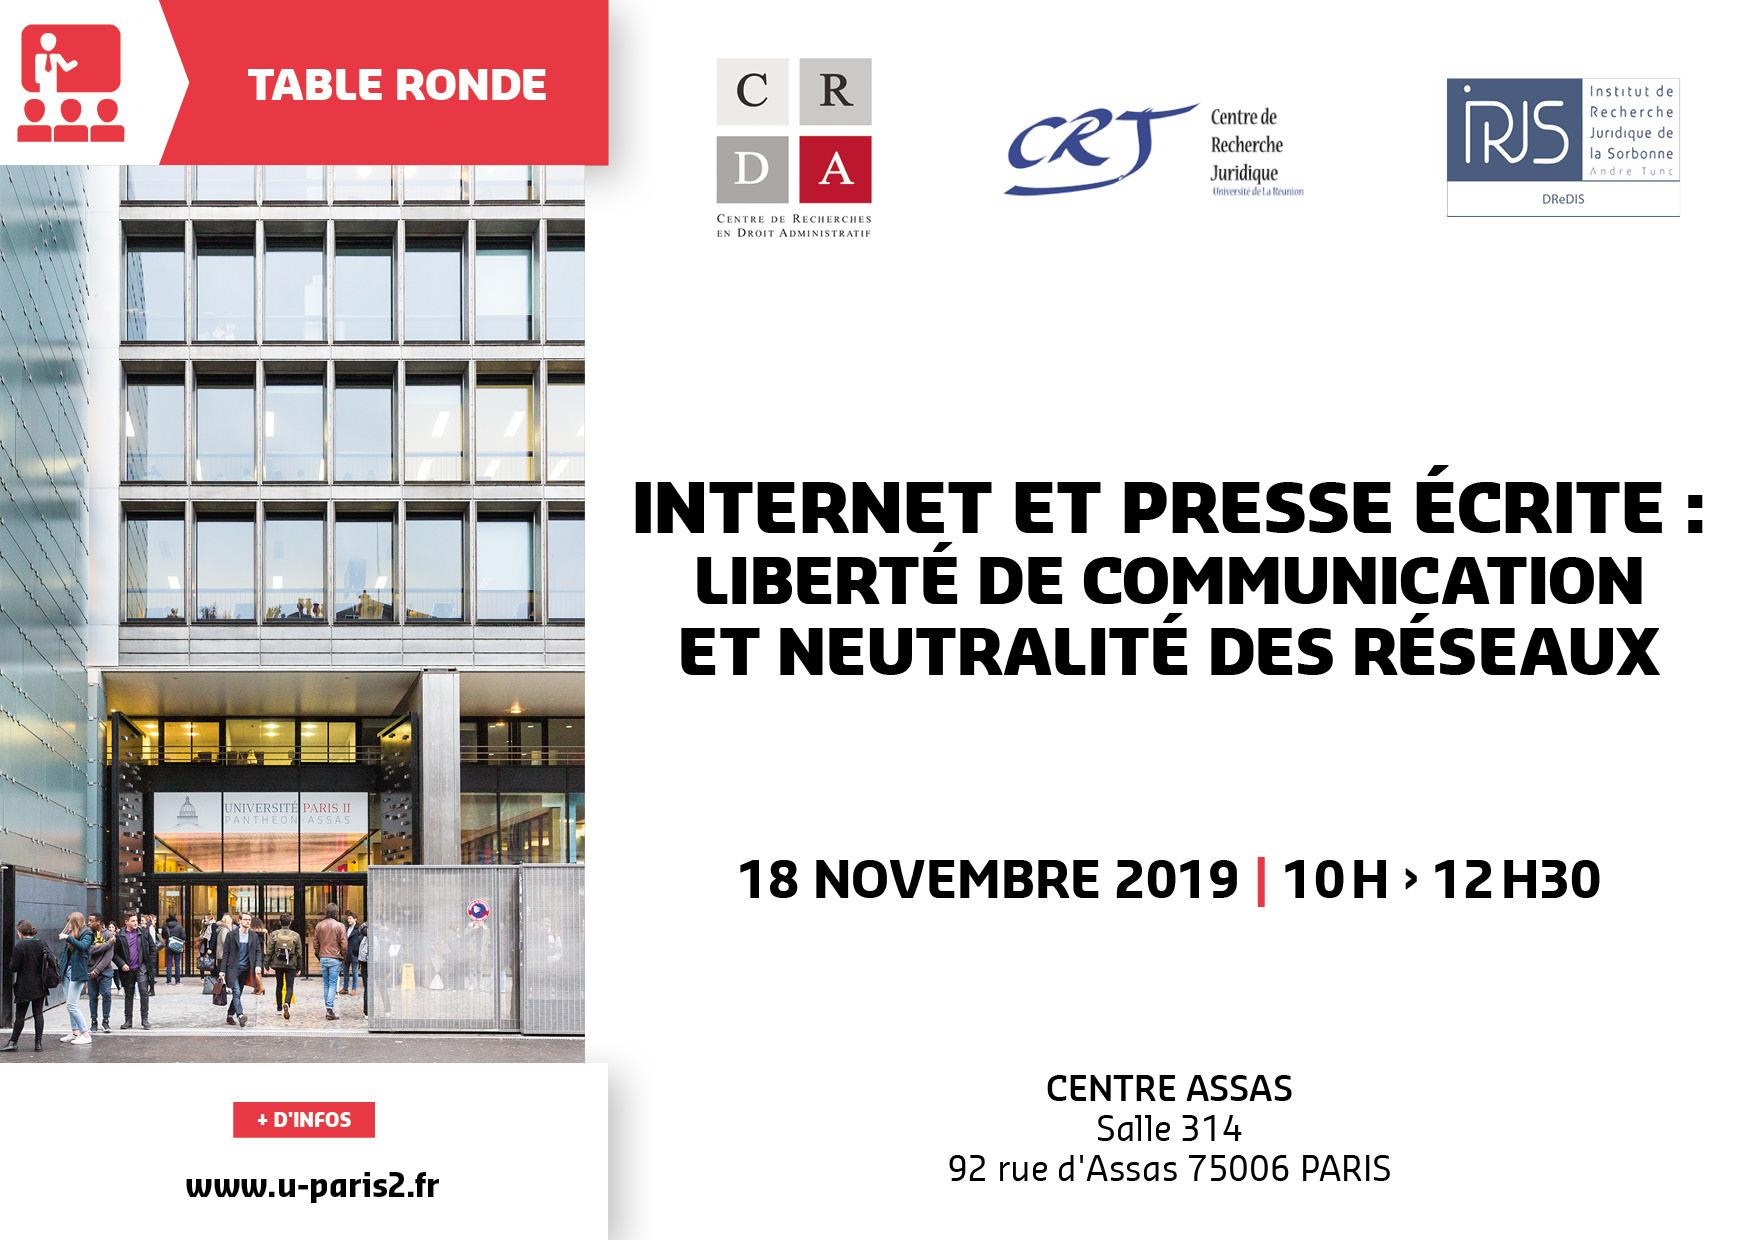 Affiche internet et presse : liberté de communication et neutralité des réseaux